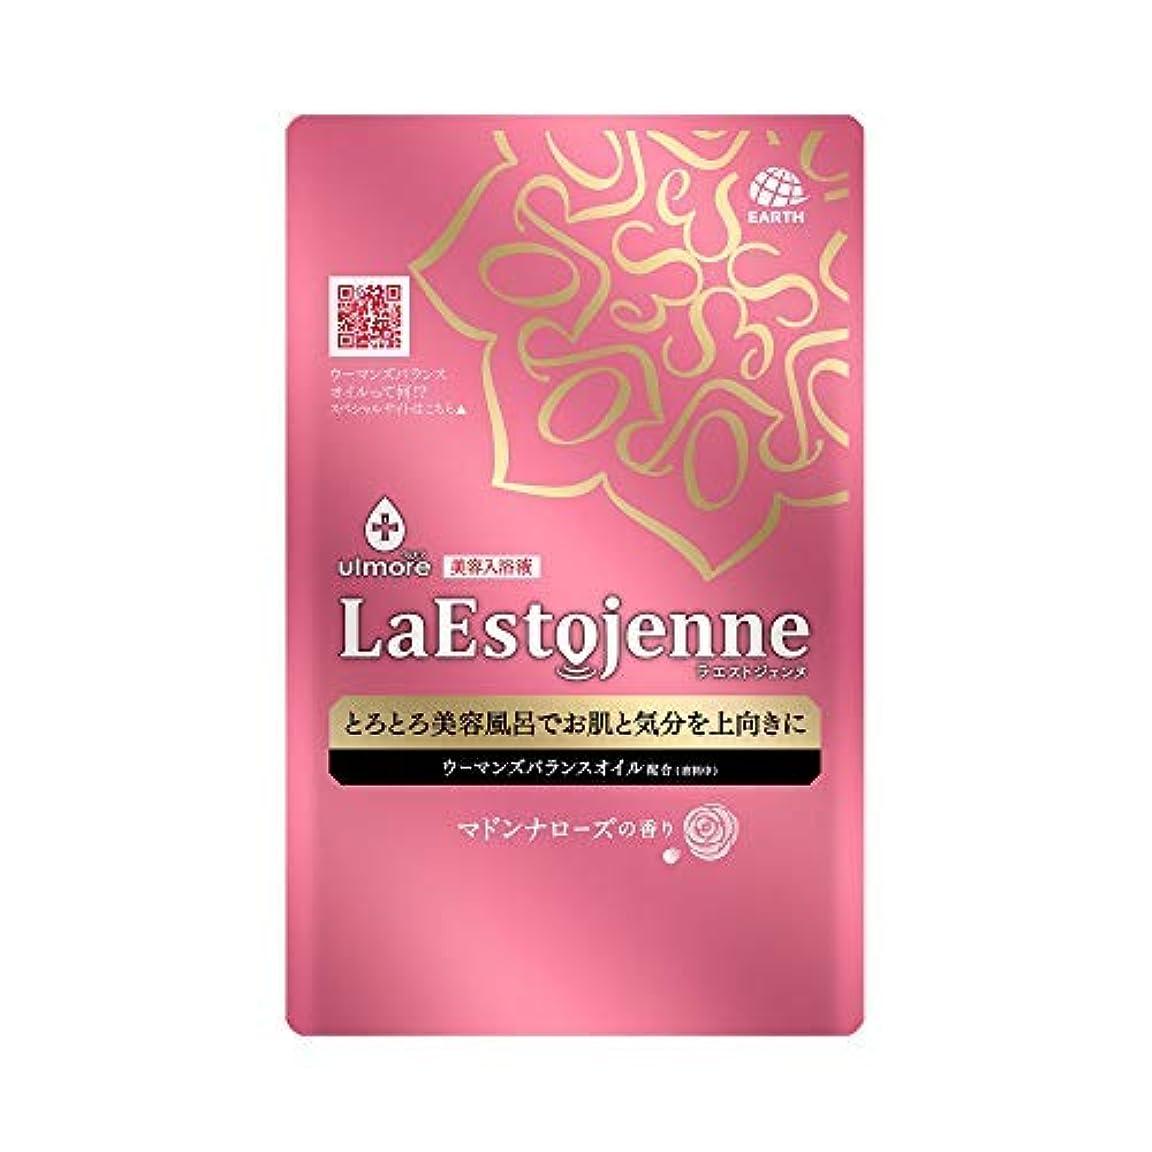 以前はオズワルド威するウルモア ラエストジェンヌ マドンナローズの香り 1包 × 10個セット